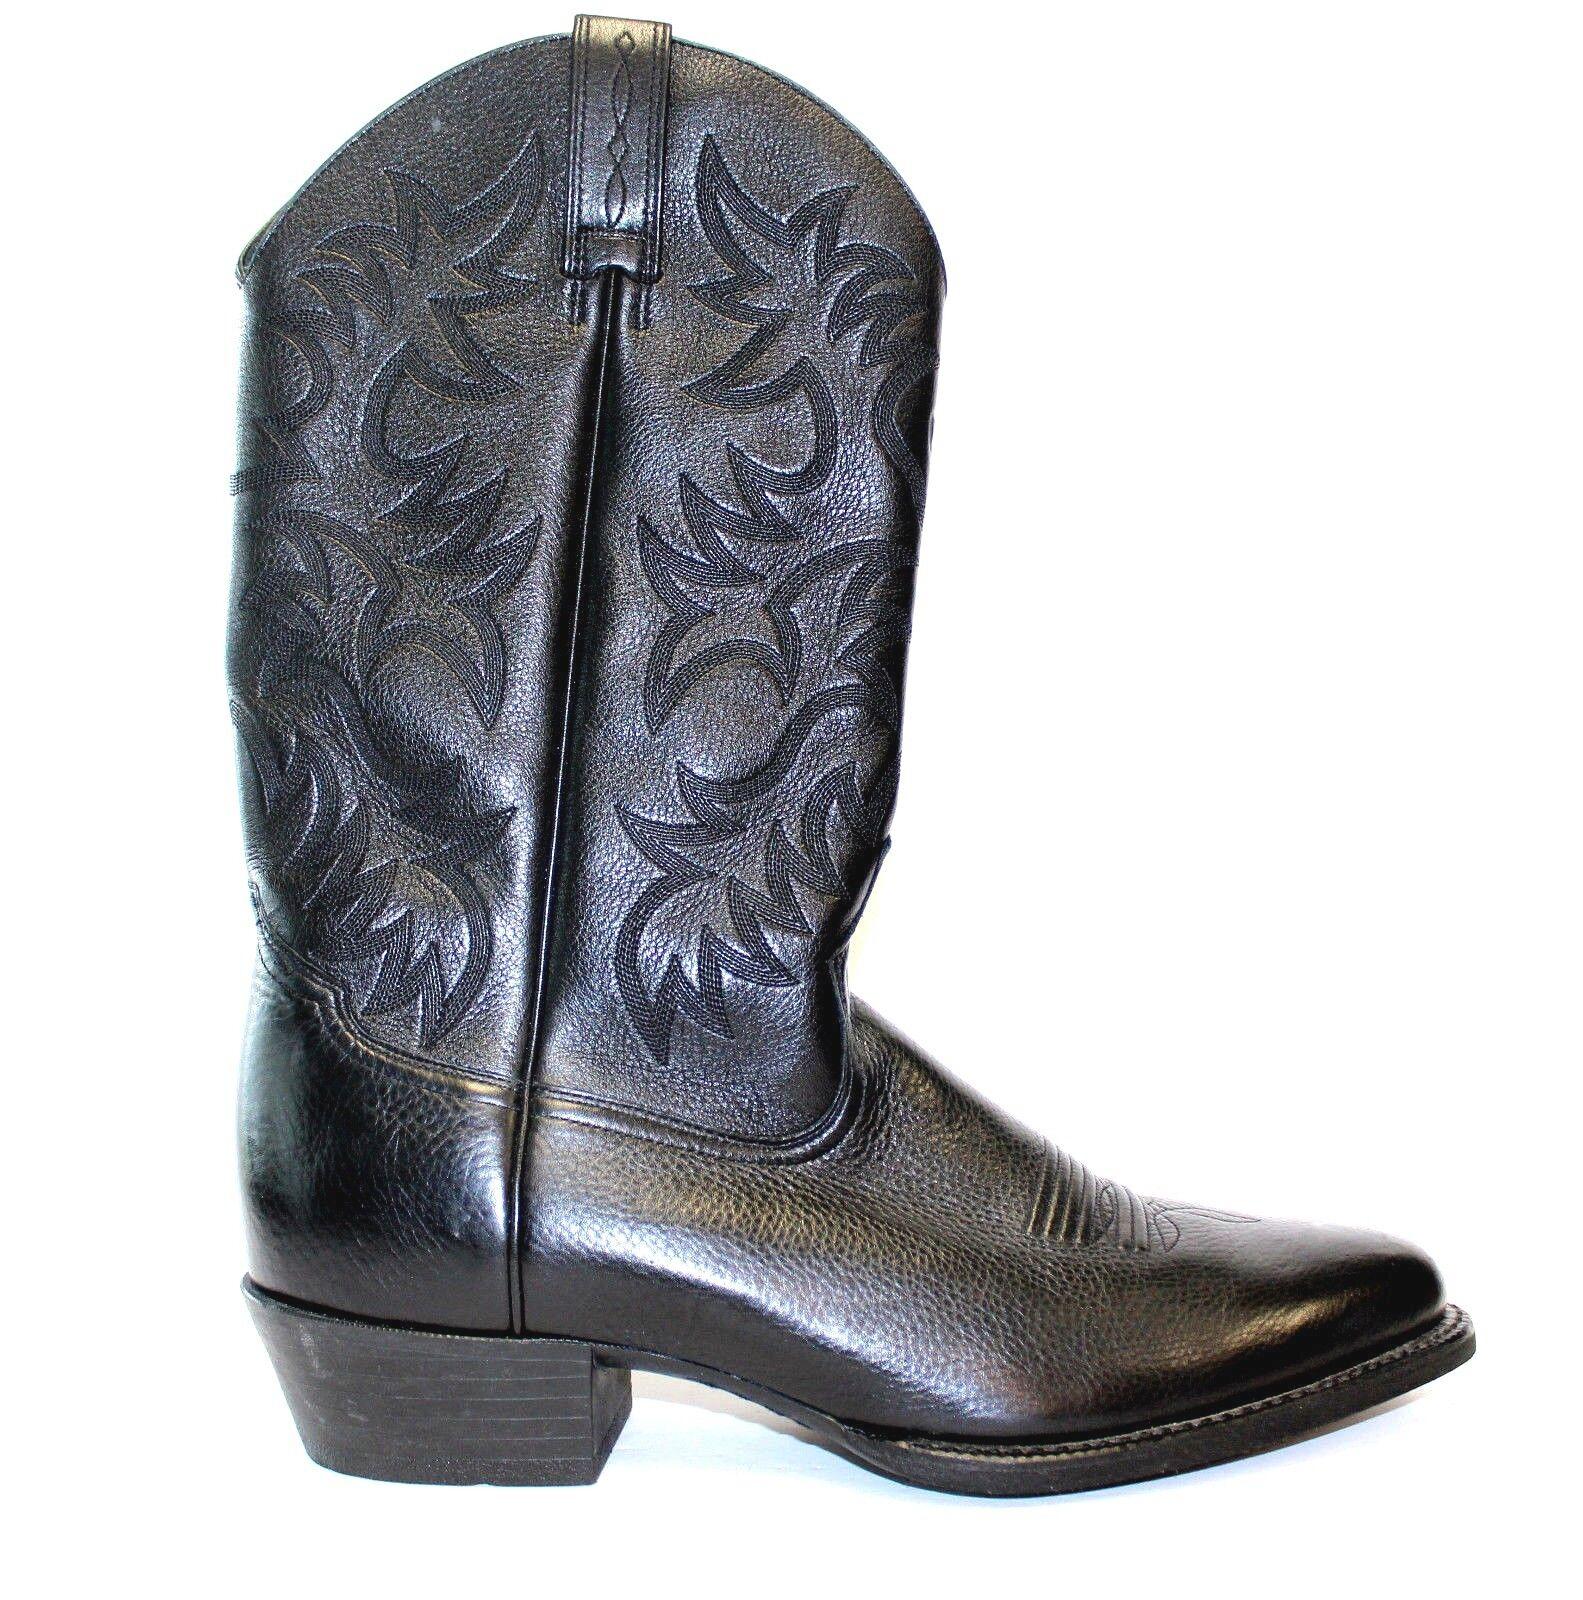 Ariat 34770 negro cuero modelada Western Cowboy botas Talla 13D Nuevo